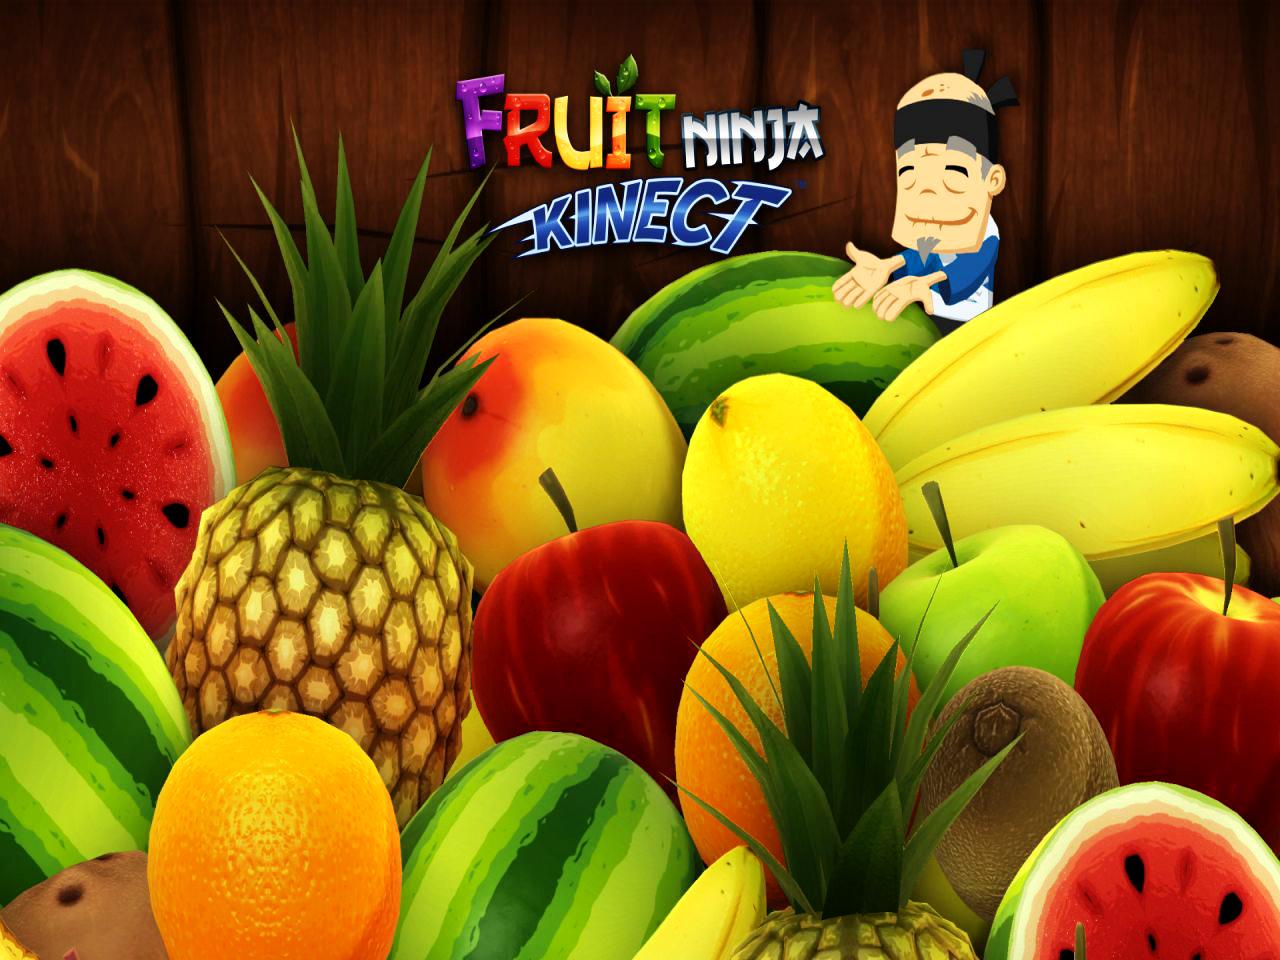 http://1.bp.blogspot.com/-TRD-HUPXInw/TvorLPtjZiI/AAAAAAAAAMM/MdkAdcVBE6E/s1600/Fruit_Ninja_Cute_HD_Funny_Wallpaper-Vvallpaper.Net.jpg